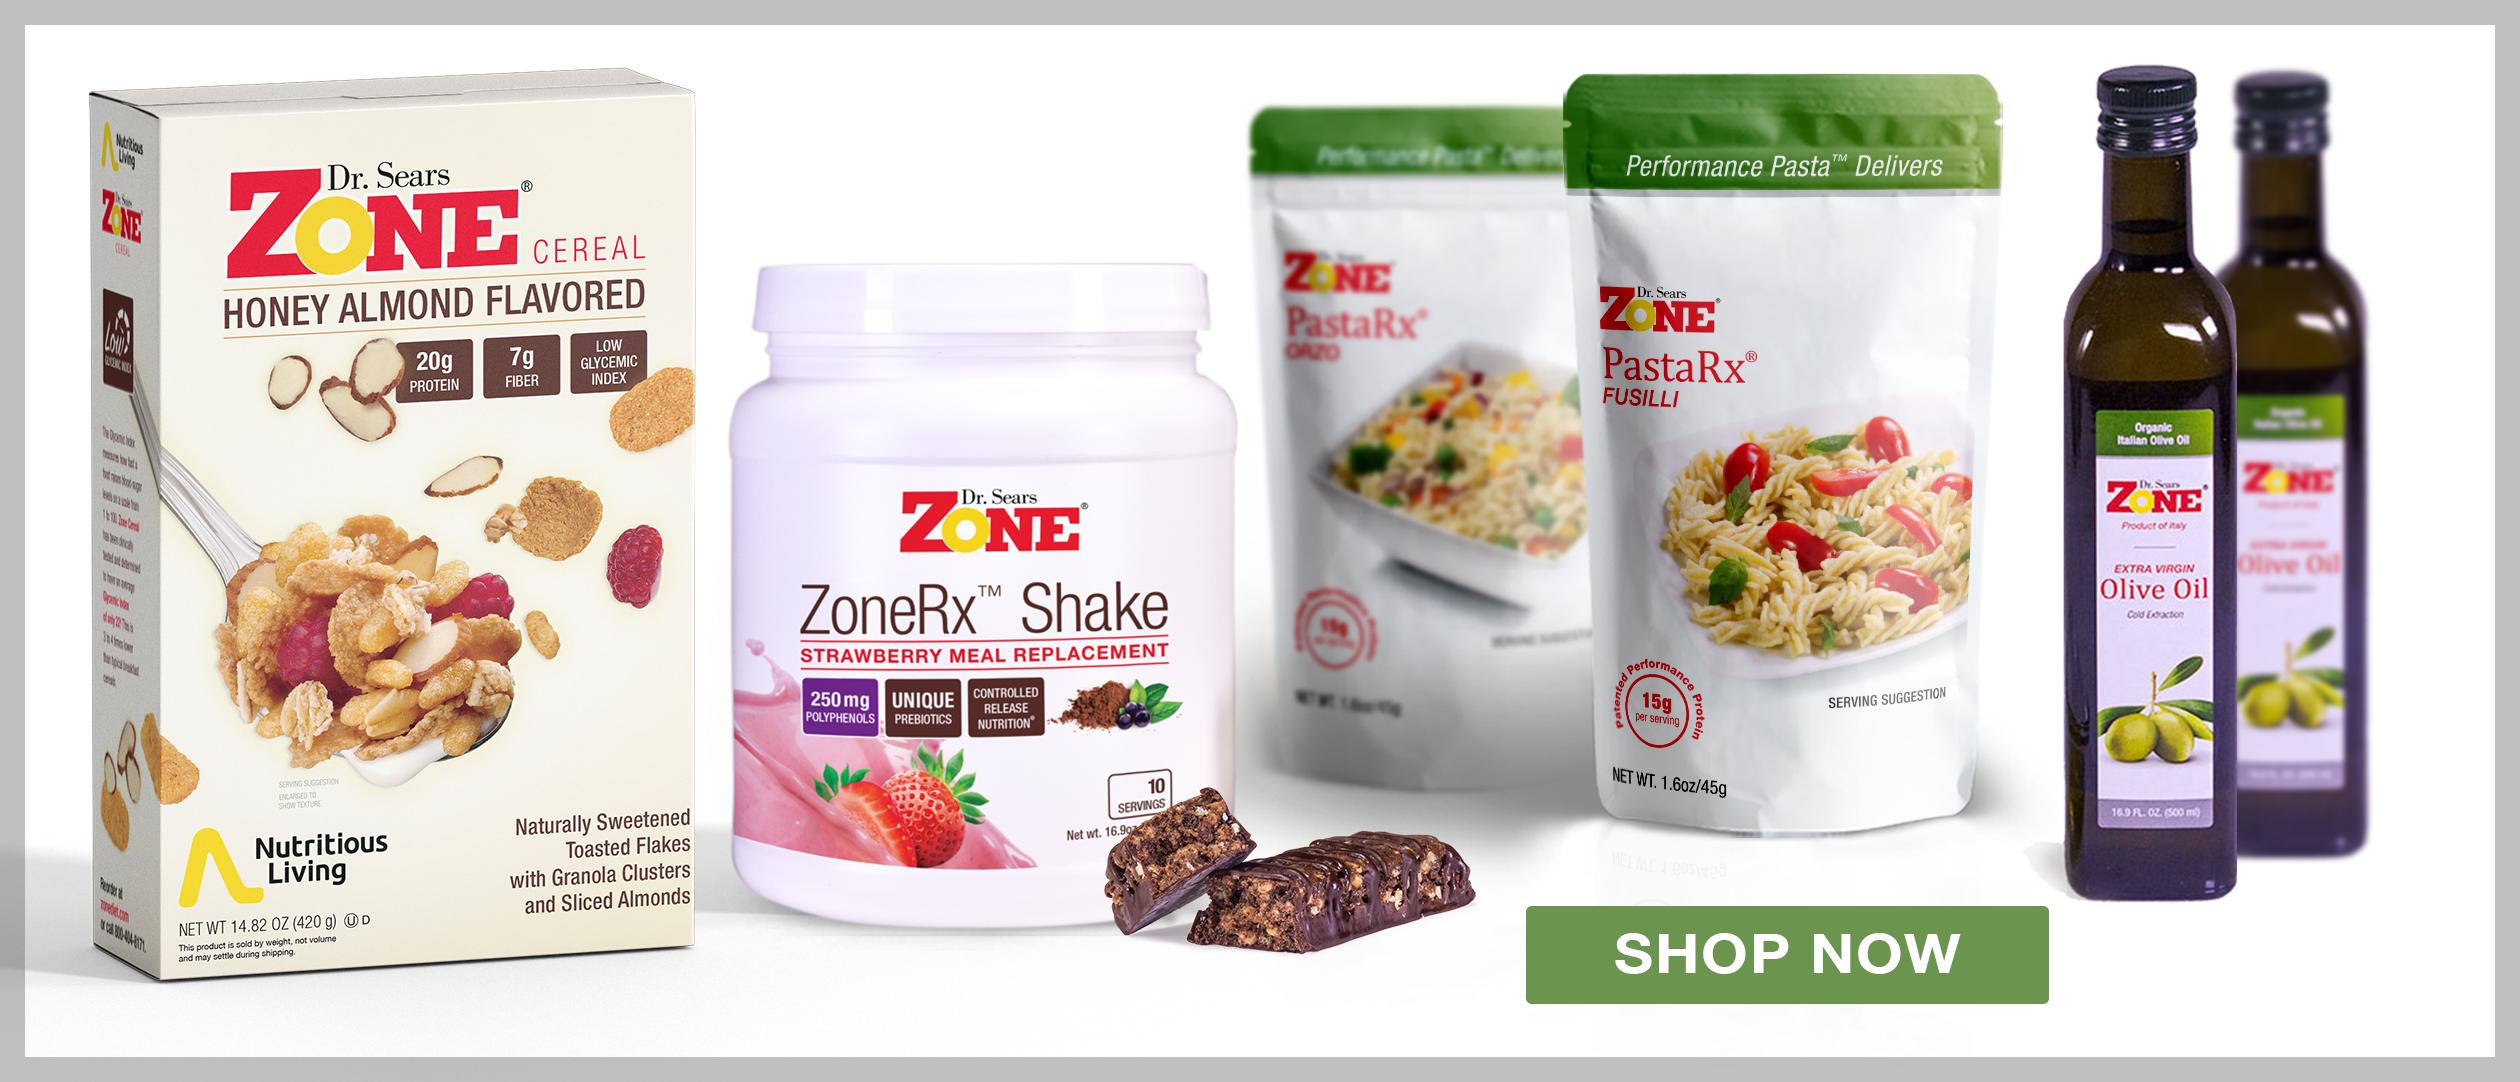 zone foods